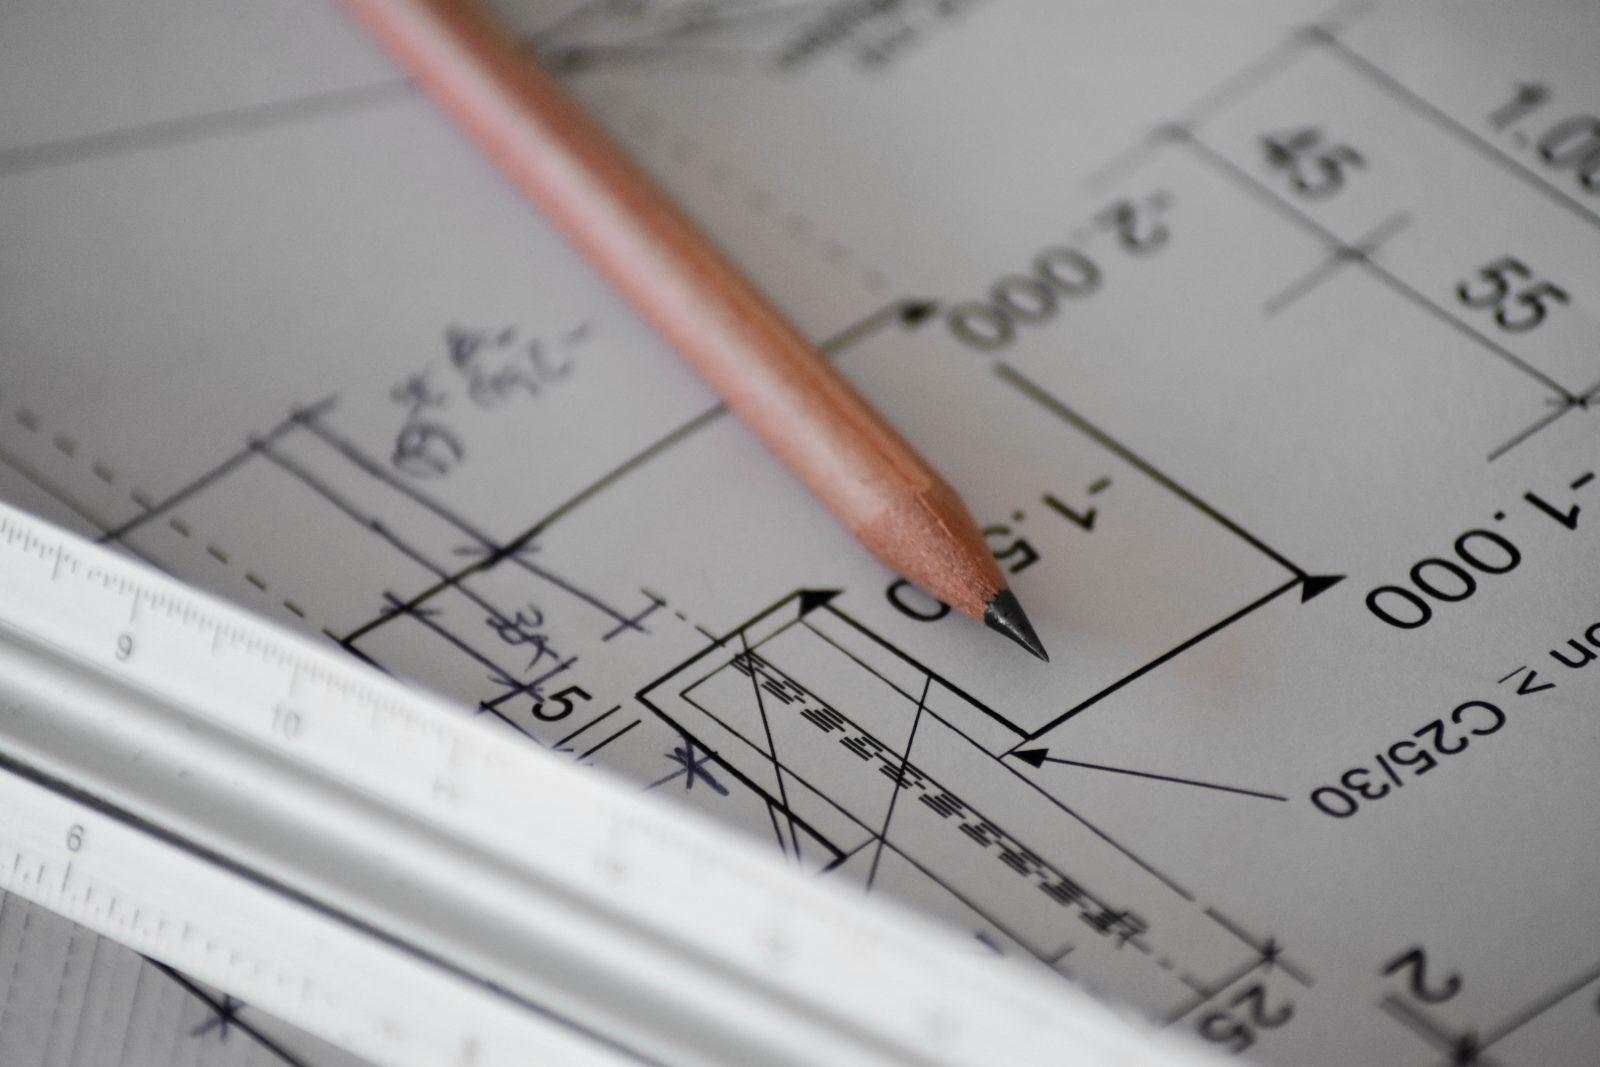 第二種電気工事士試験に【必須】複線図の描き方 基本編:コツをやさしく解説